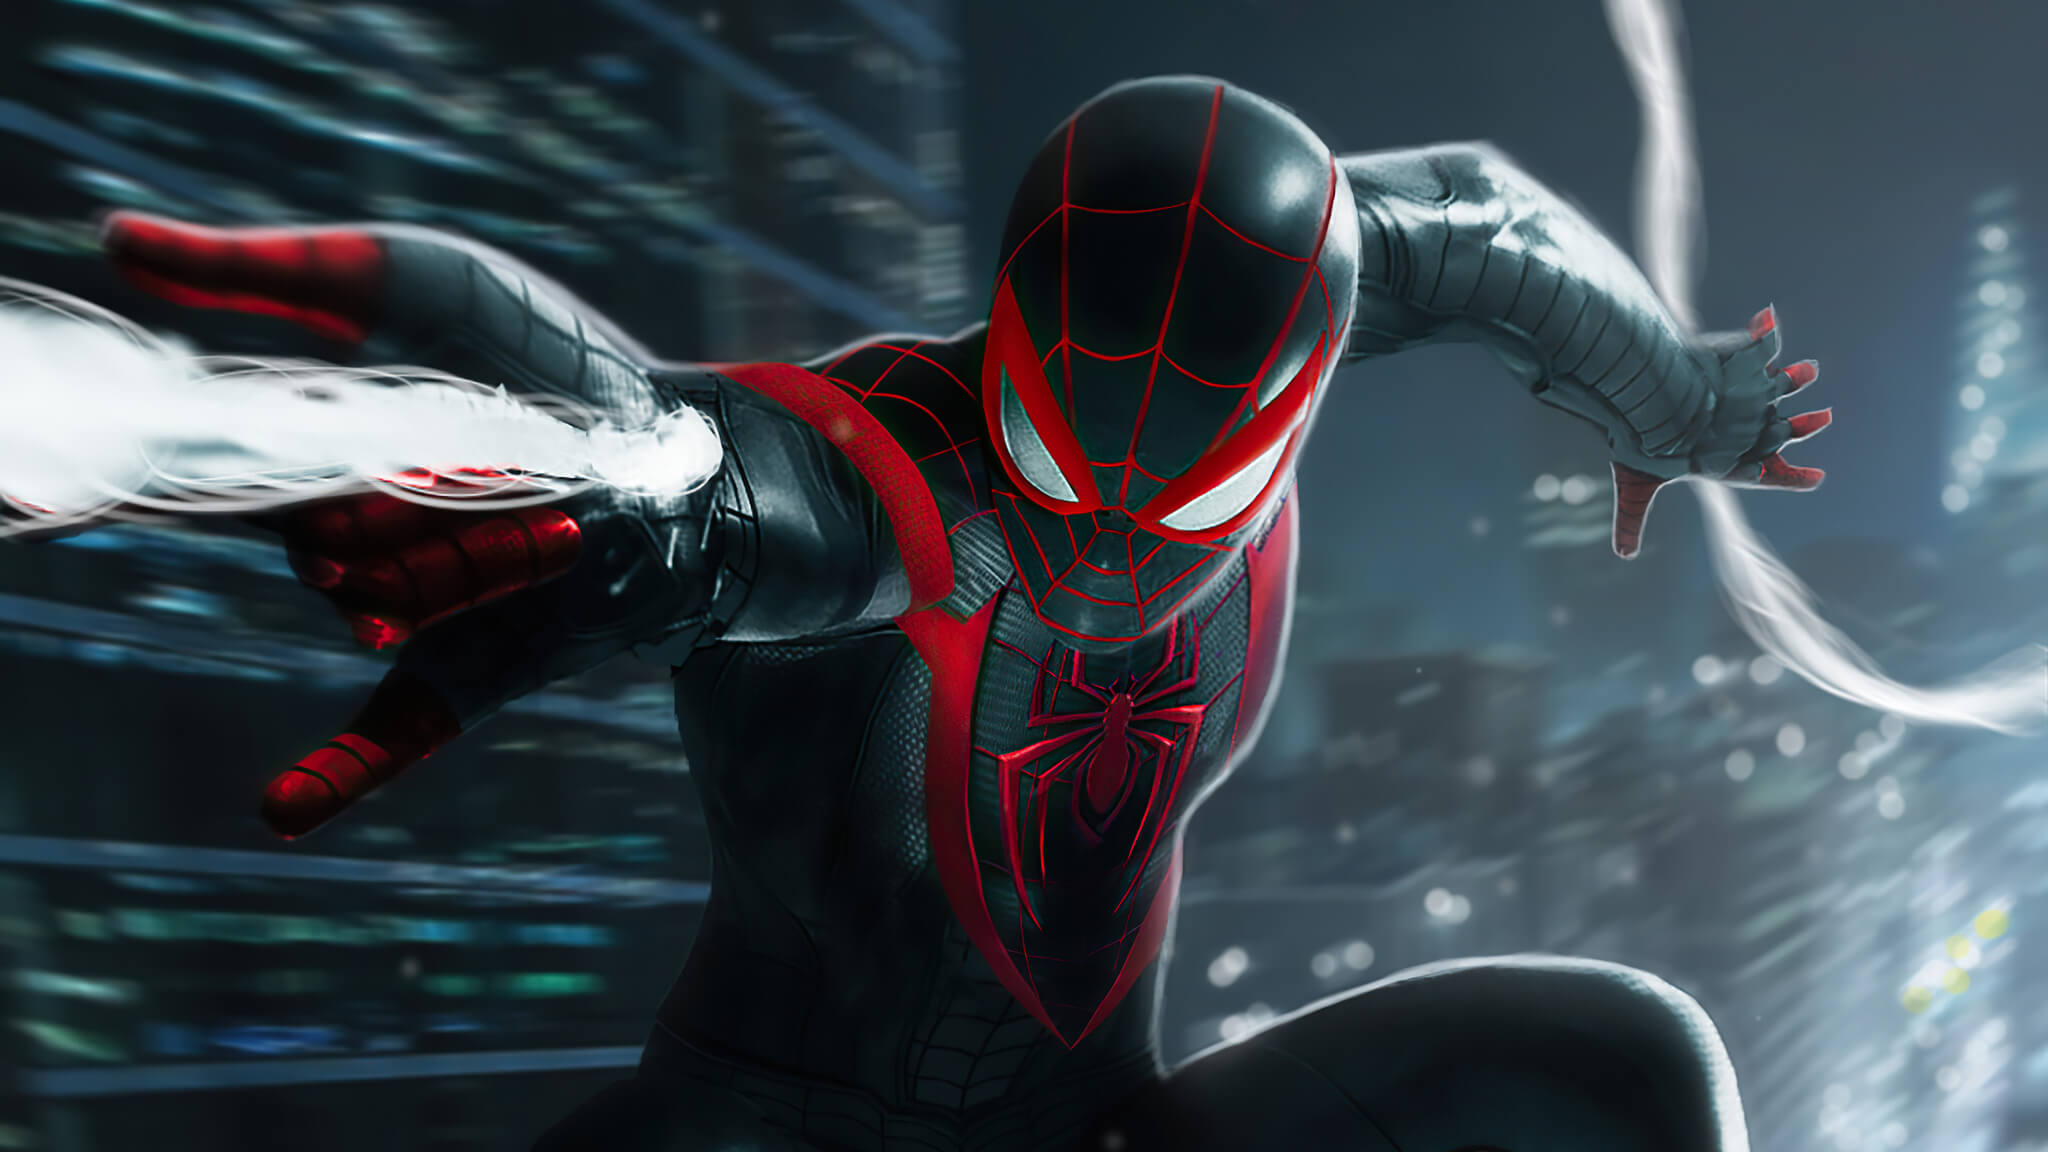 Review: marvel's spider-man: miles morales é uma jornada de descoberta. Marvel's spider-man: miles morales traz uma nova versão do cabeça de teia em uma aventura pessoal e tocante